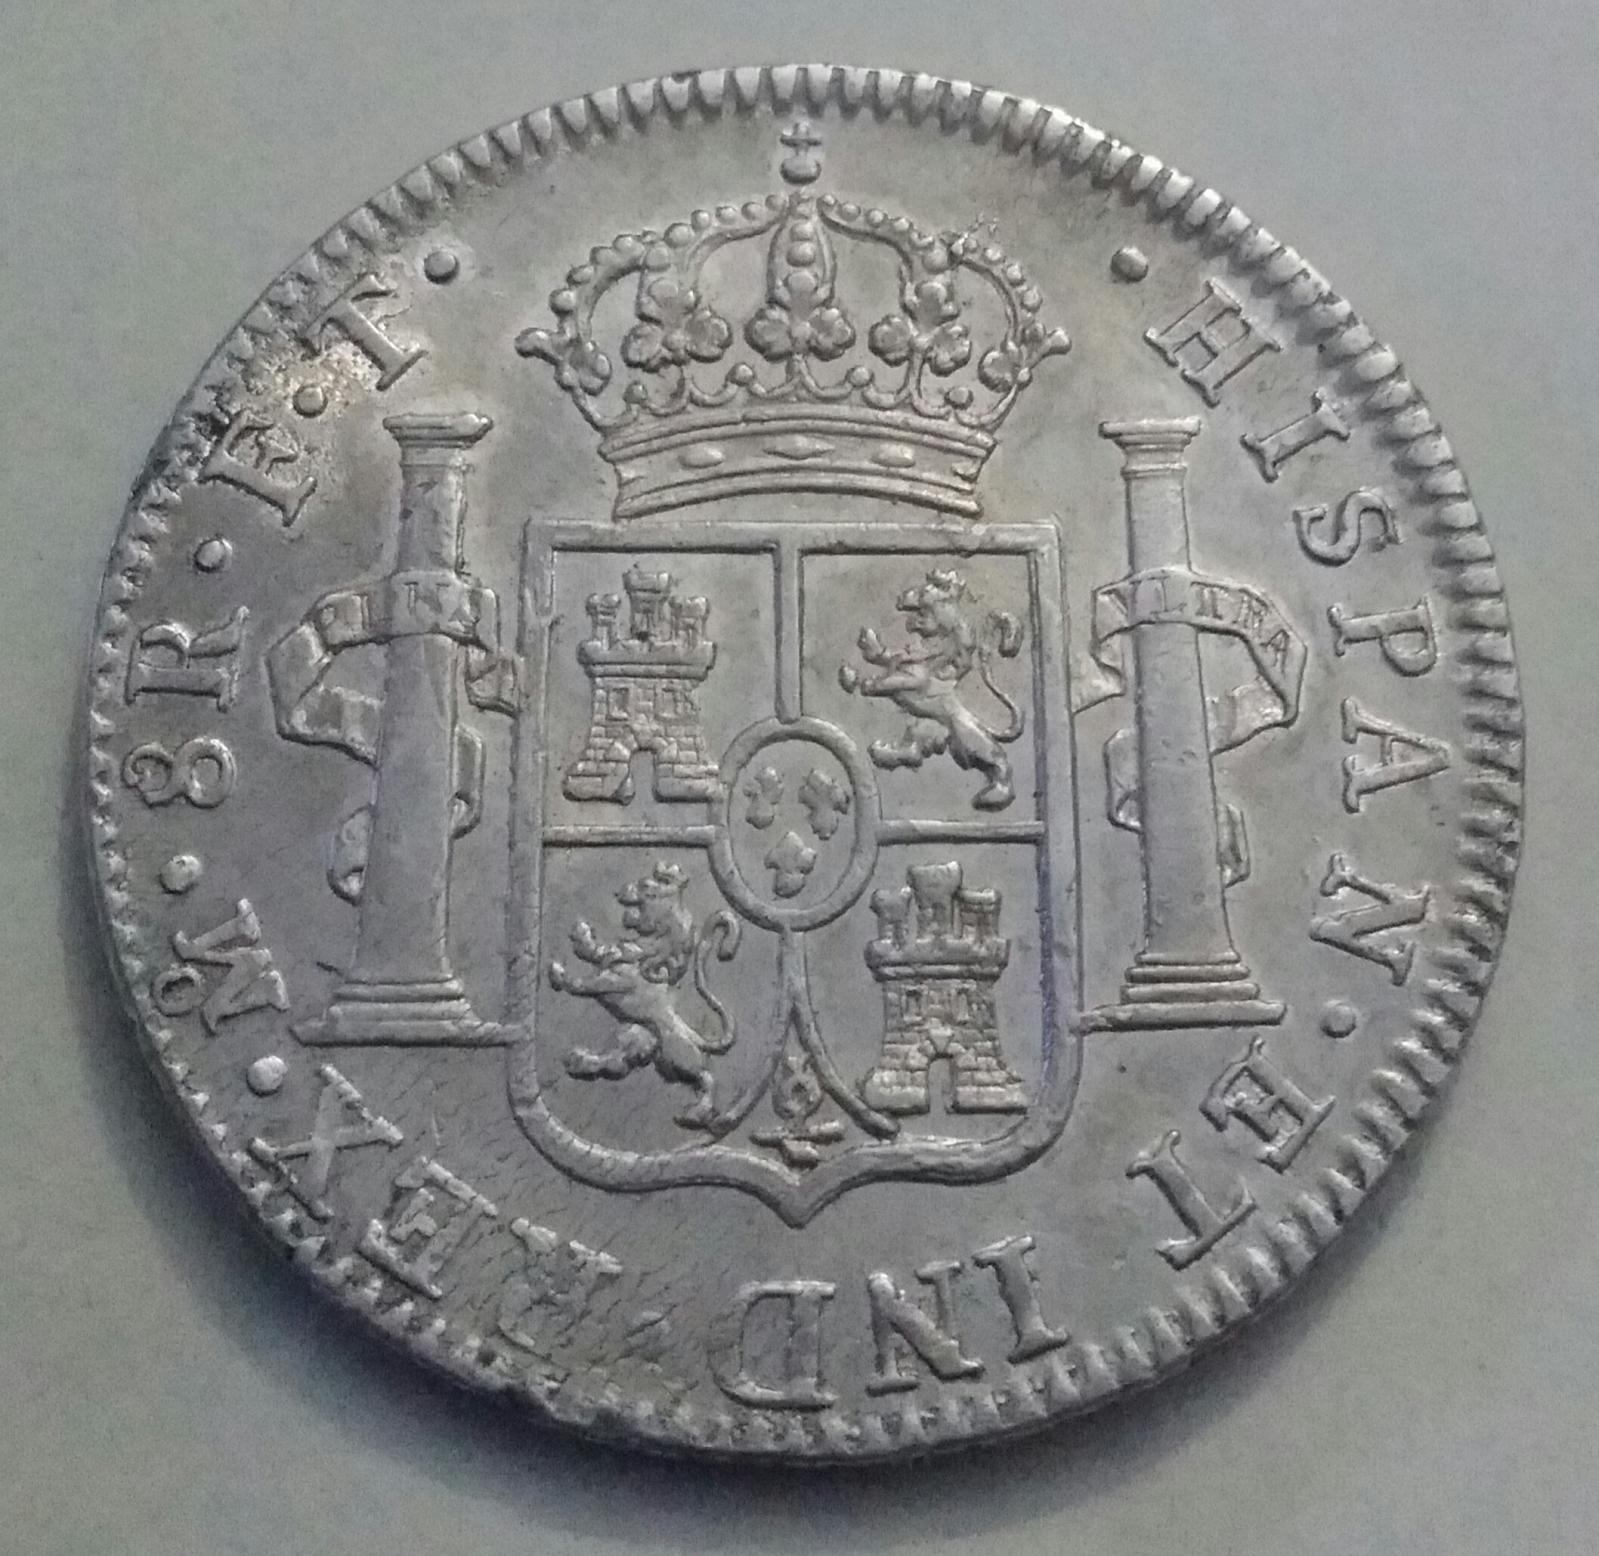 8 Reales Carolus IIII 1803 México FT Tamnw8